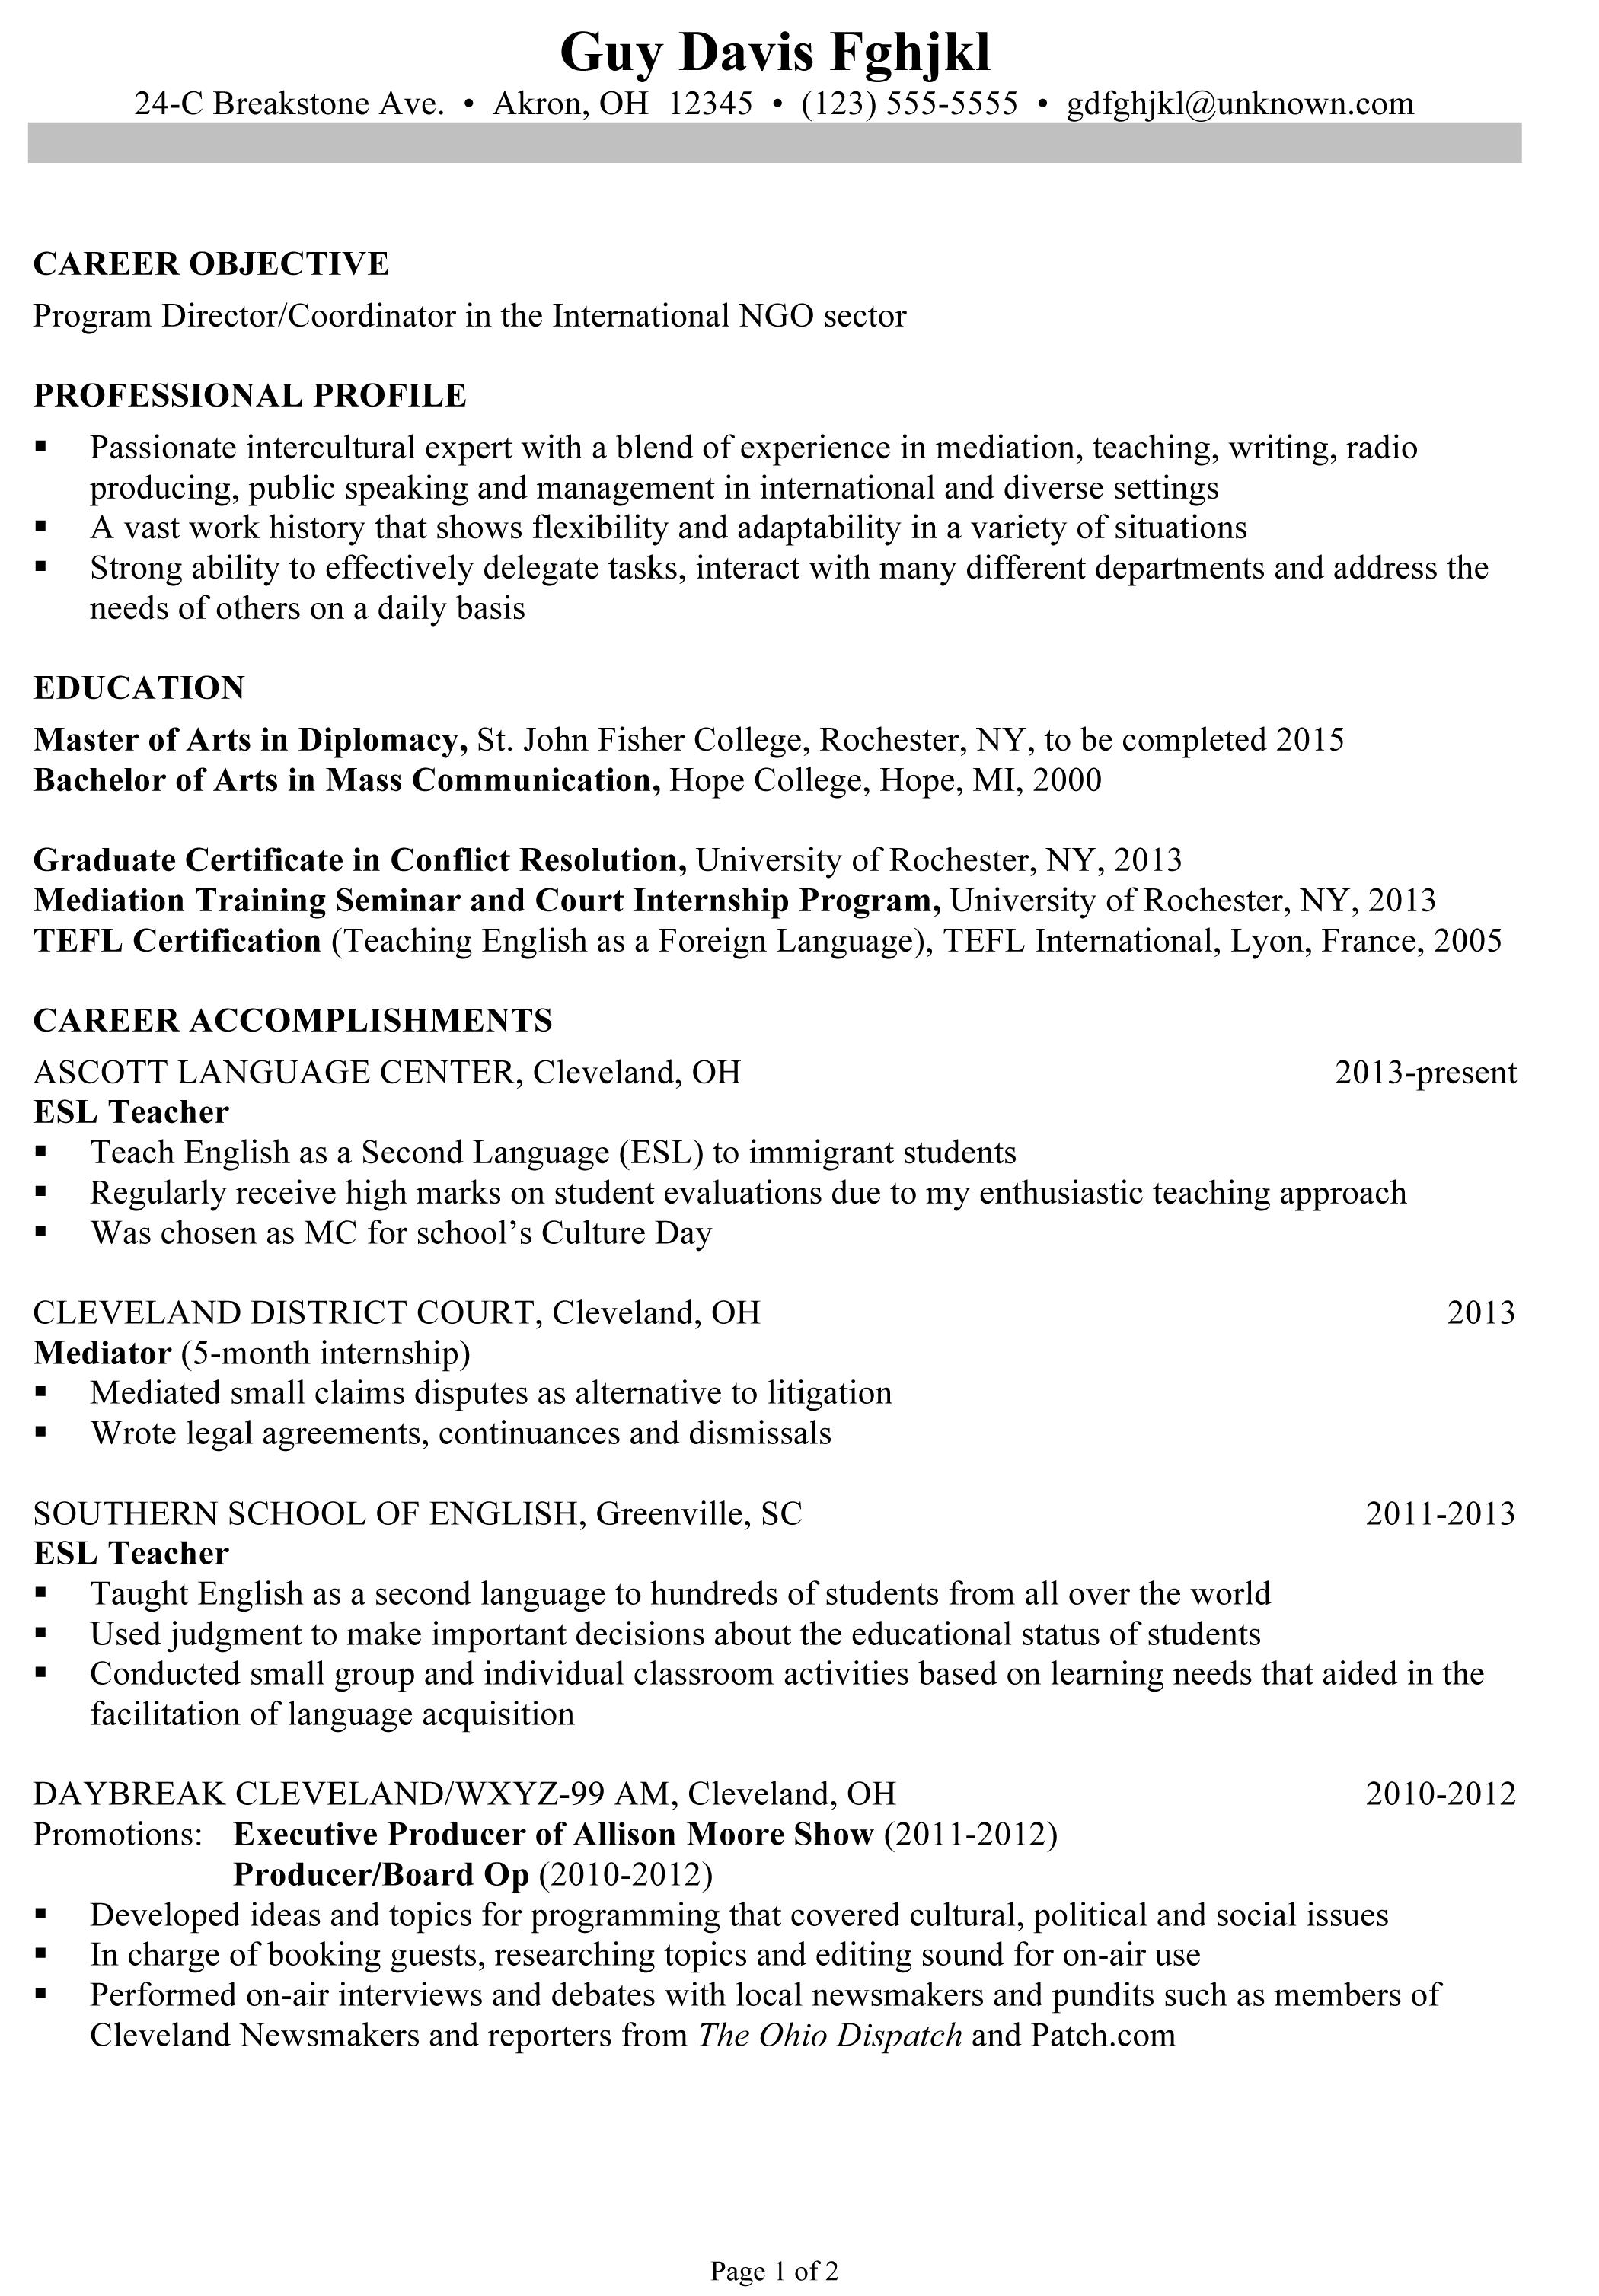 resume examples for teacher program